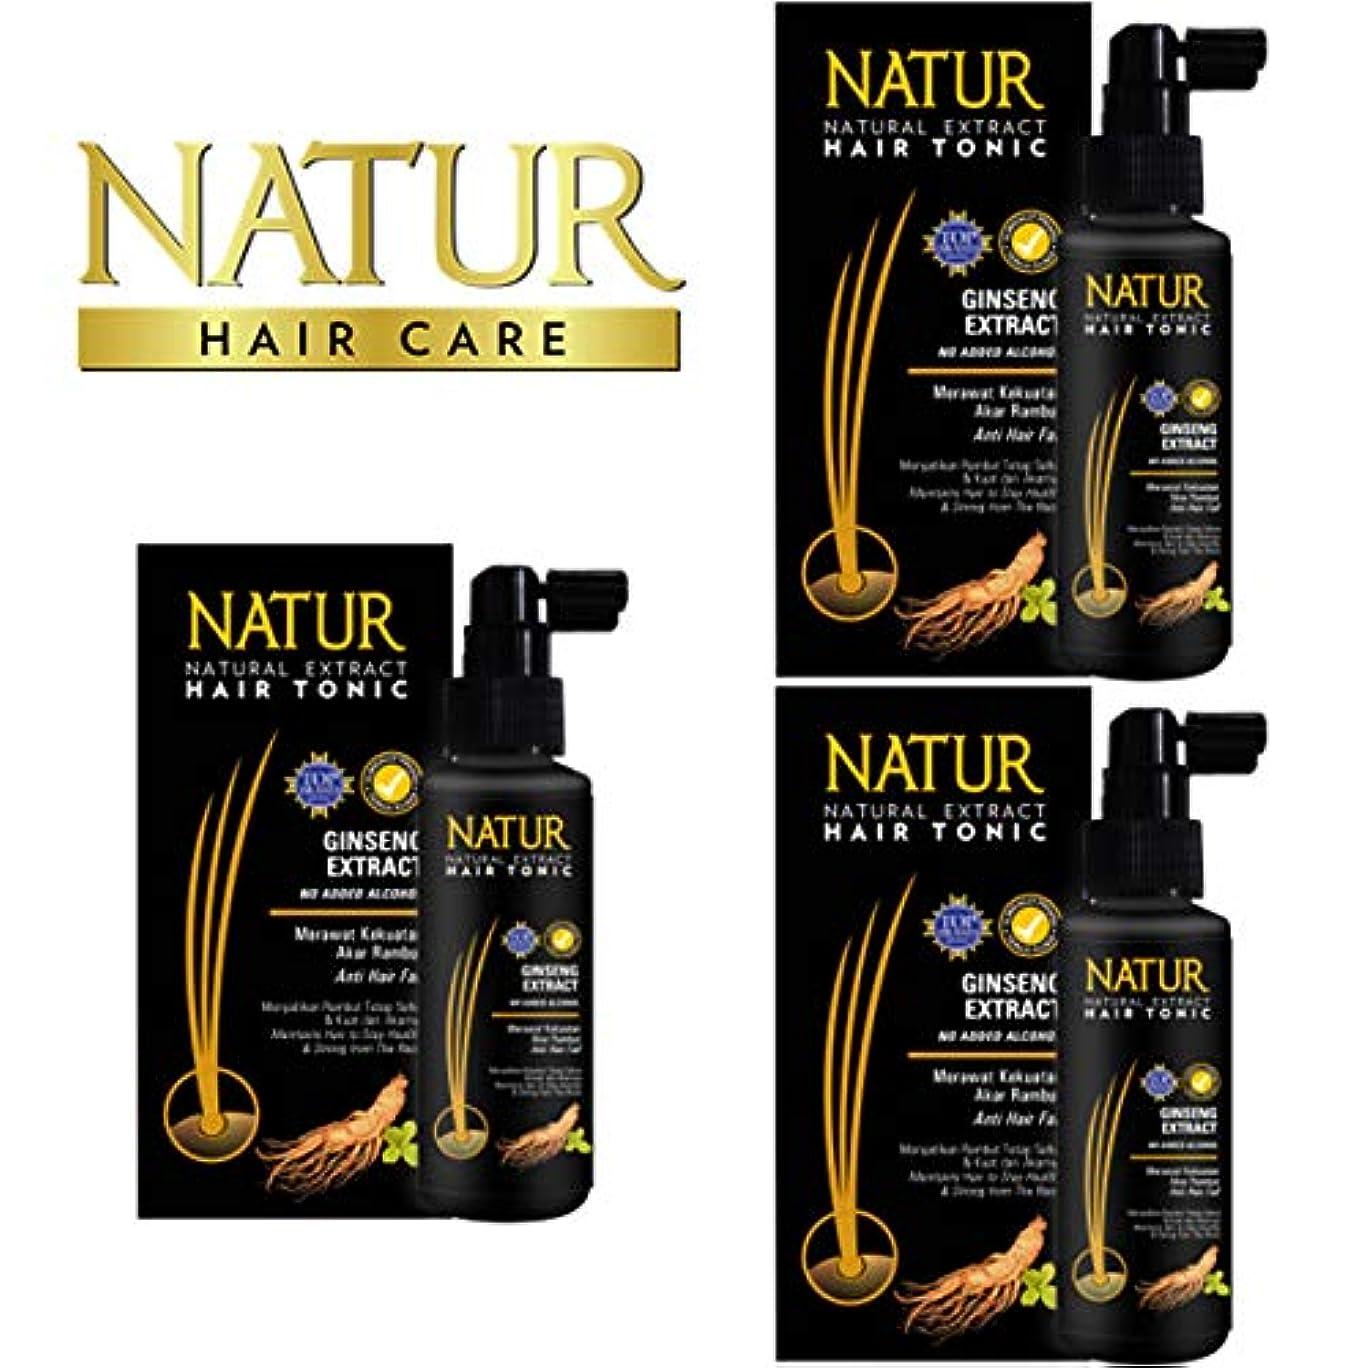 クアッガ塊憂慮すべきNATUR ナトゥール 天然植物エキス配合 Hair Tonic ハーバルヘアトニック 90ml×3個セット Ginseng ジンセン [海外直商品]